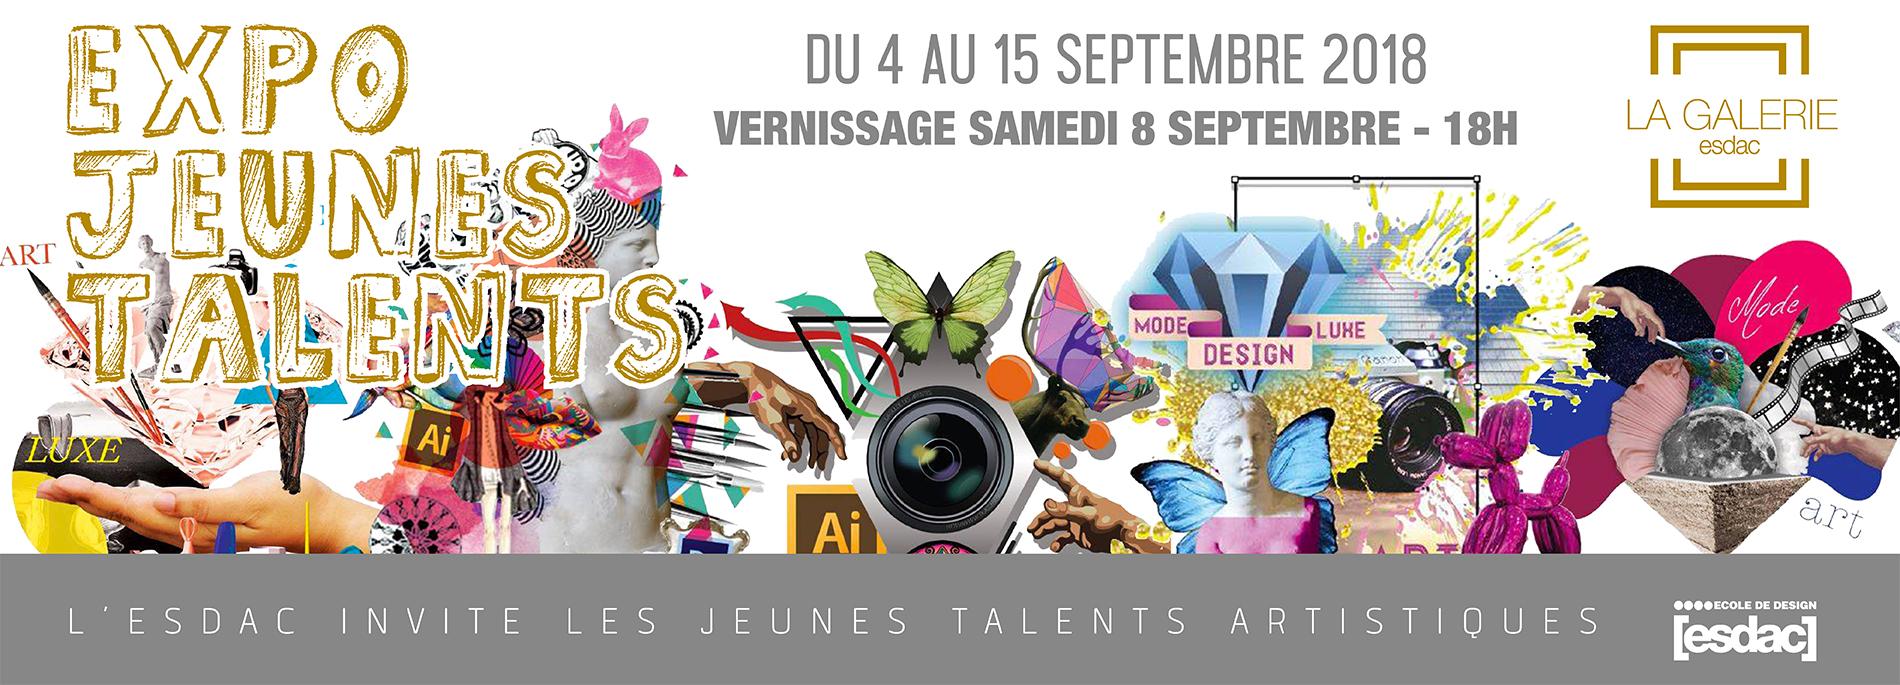 Expo jeunes talents à la galerie d'art ESDAC Aix-en-provence